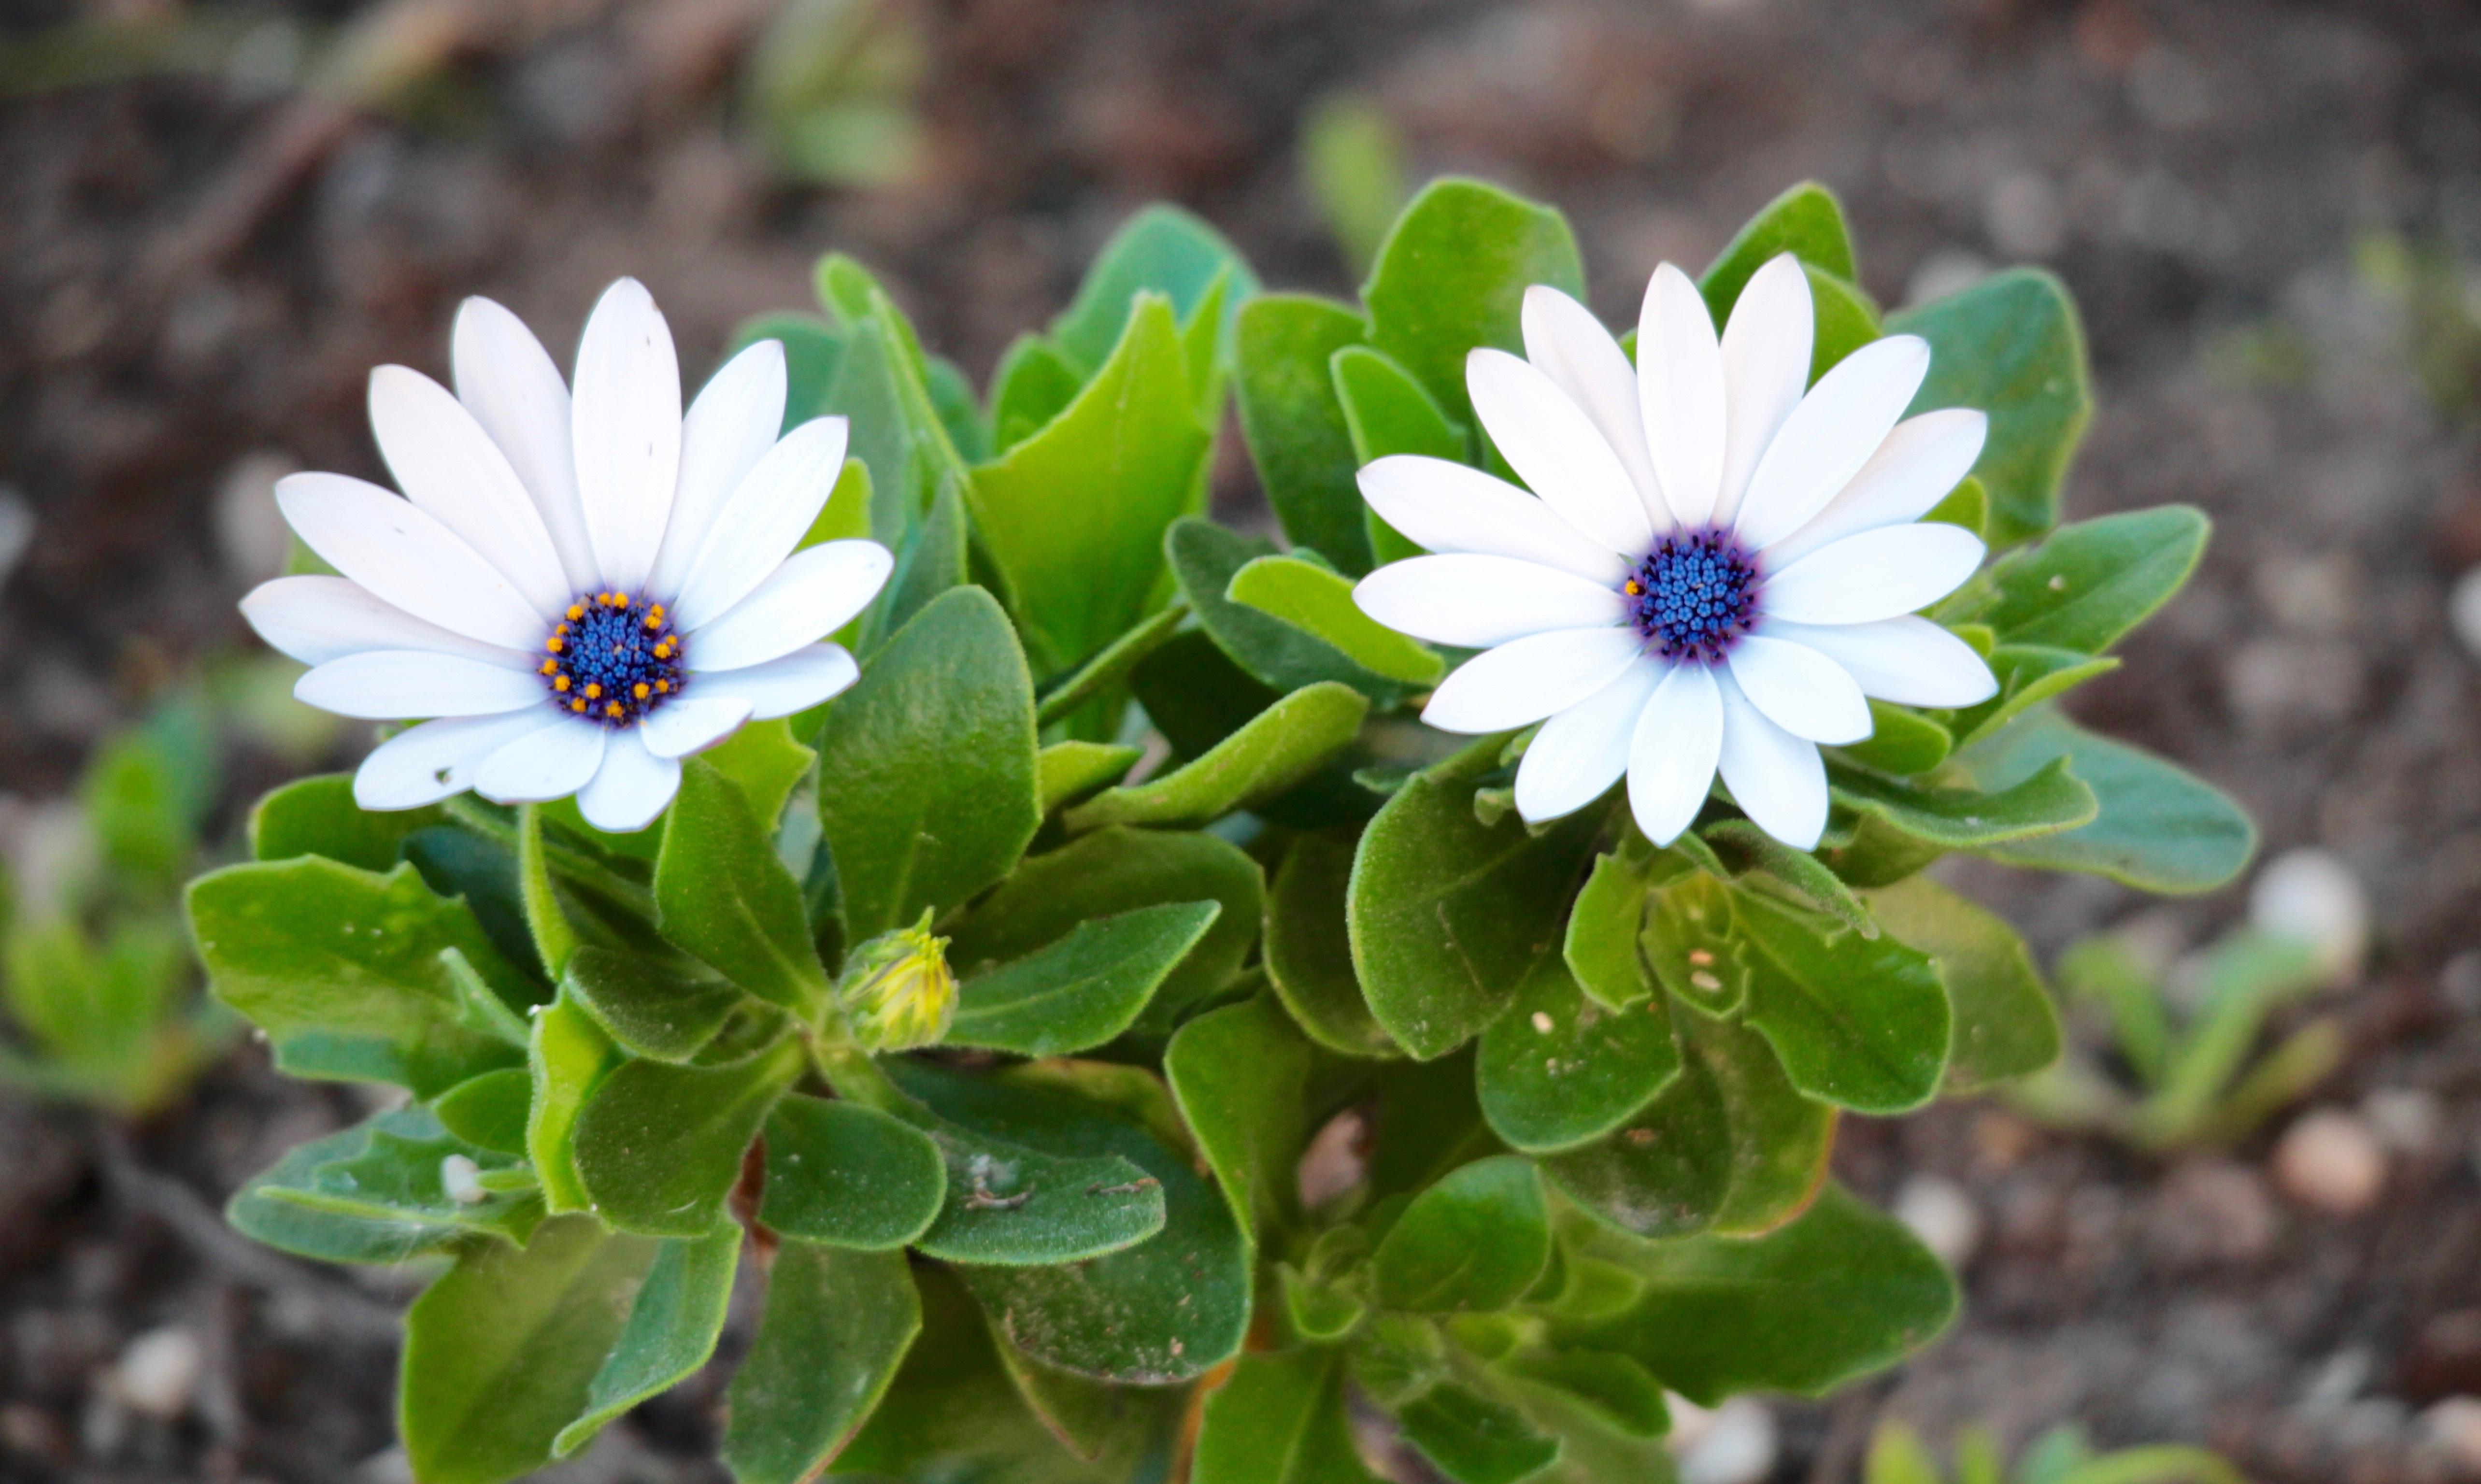 Margaritas De Colores En La Hierba 30995: Fotos Gratis : Naturaleza, Pétalo, Verano, Primavera